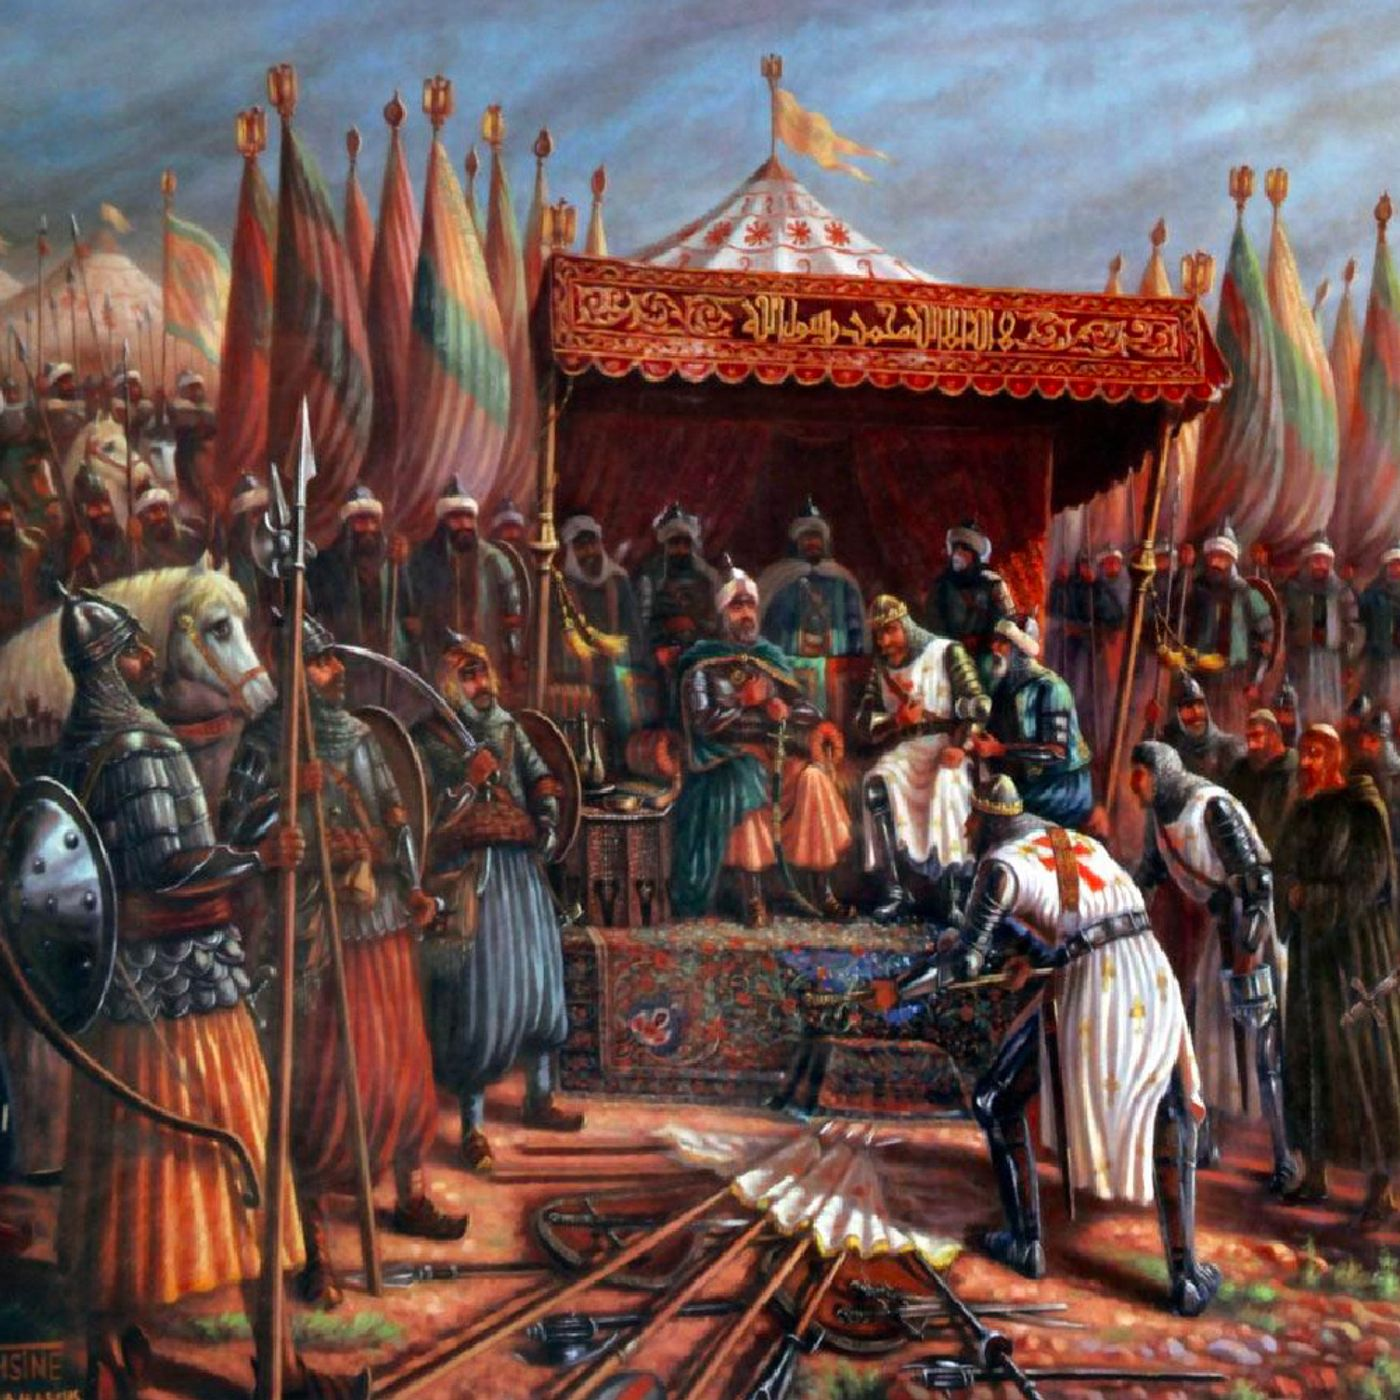 Benedette Guerre: crociate e jihad - ExtraBarbero (Le Piazze della Storia, 2012)